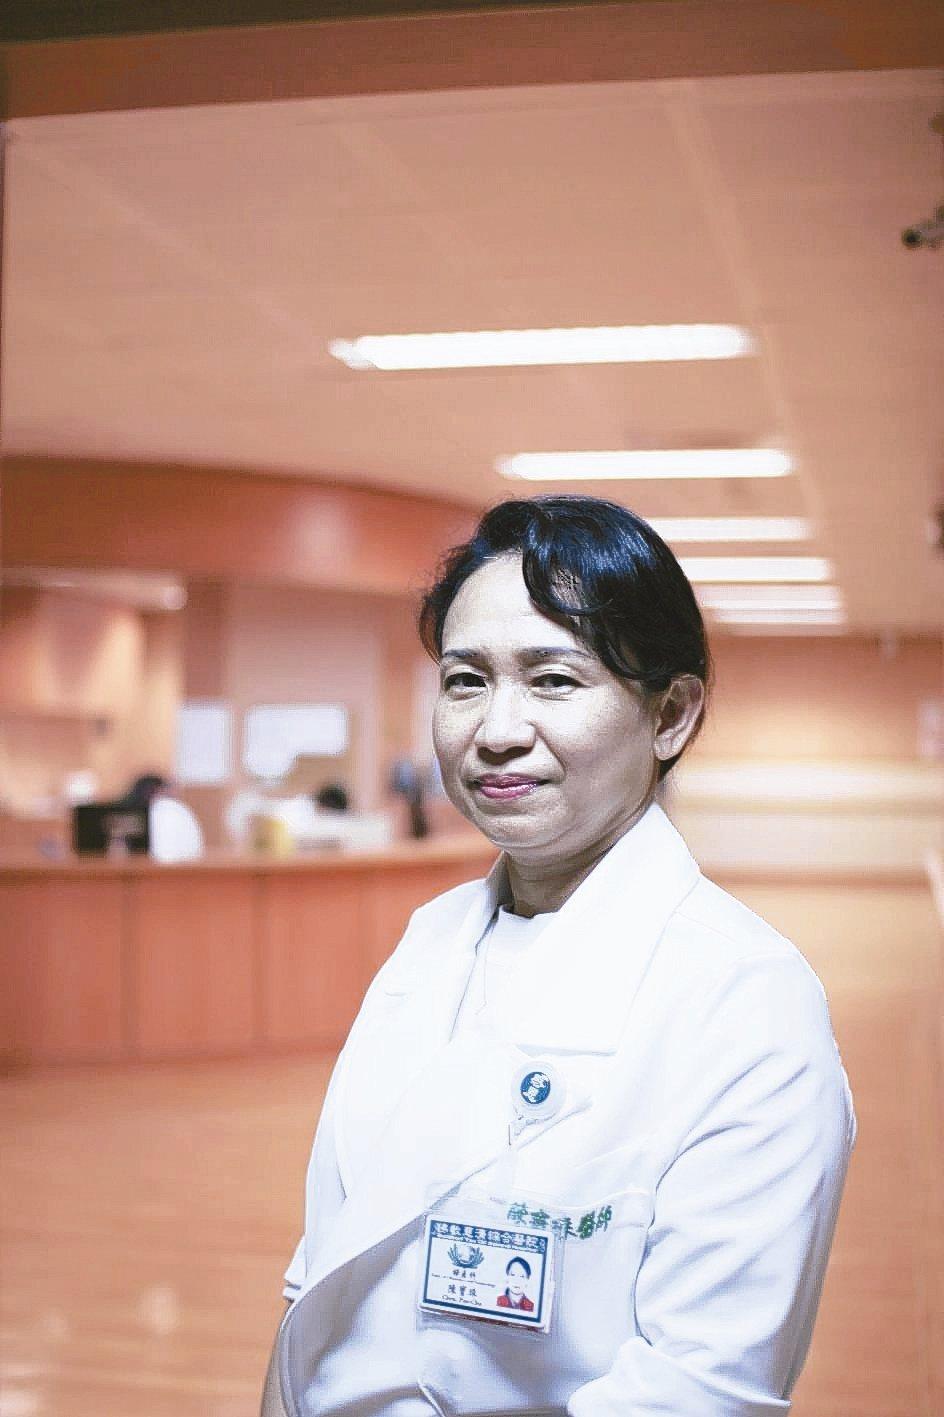 花蓮慈濟醫院婦產部生殖內分泌科主任陳寶珠醫師。 花蓮慈濟醫院/提供